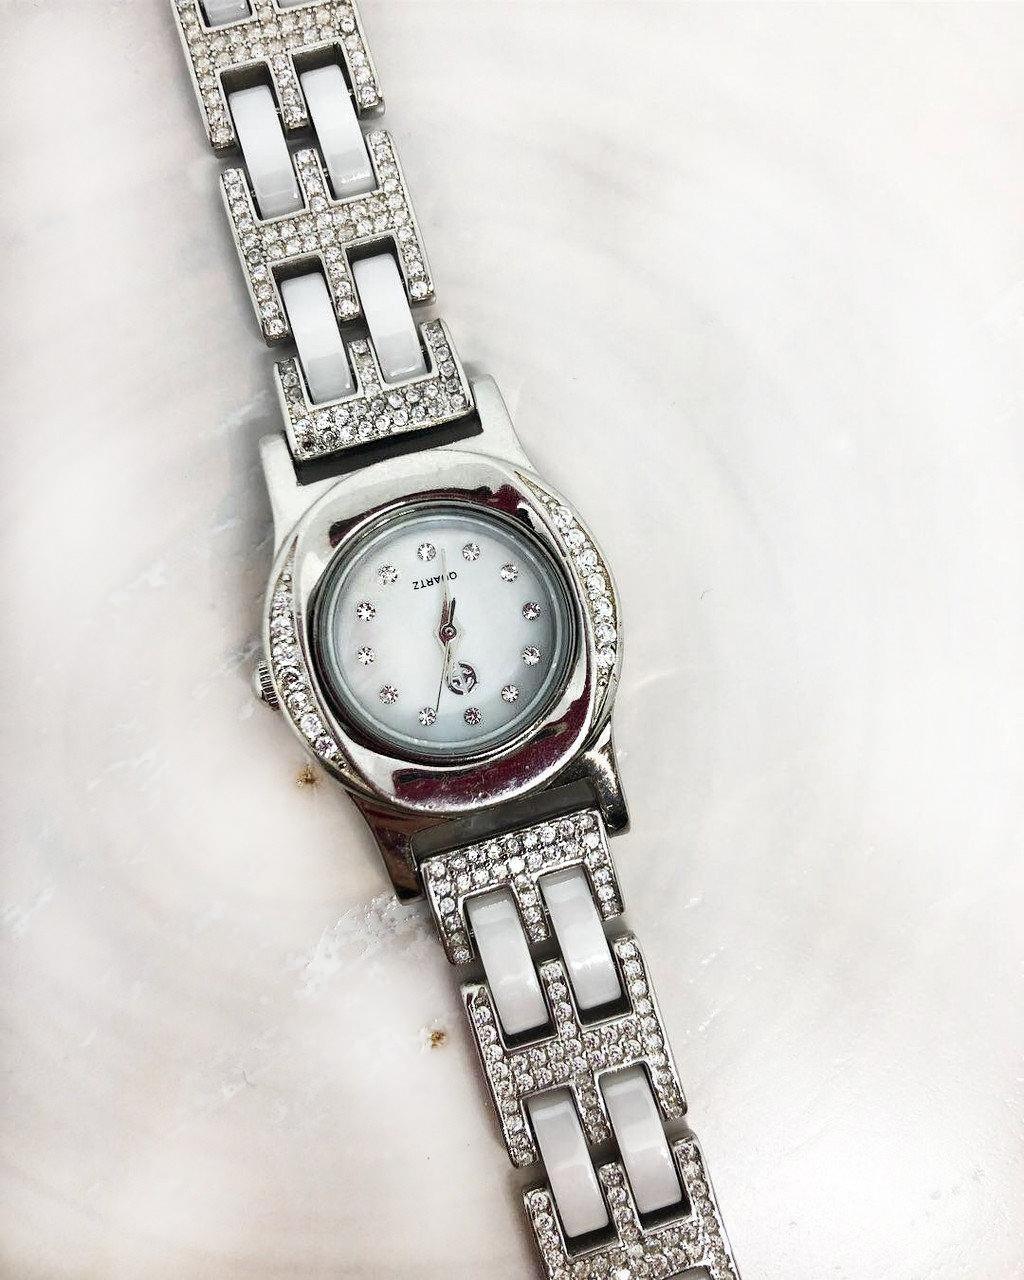 Часы из капельного серебра 925 Beauty Bar со вставками из агата